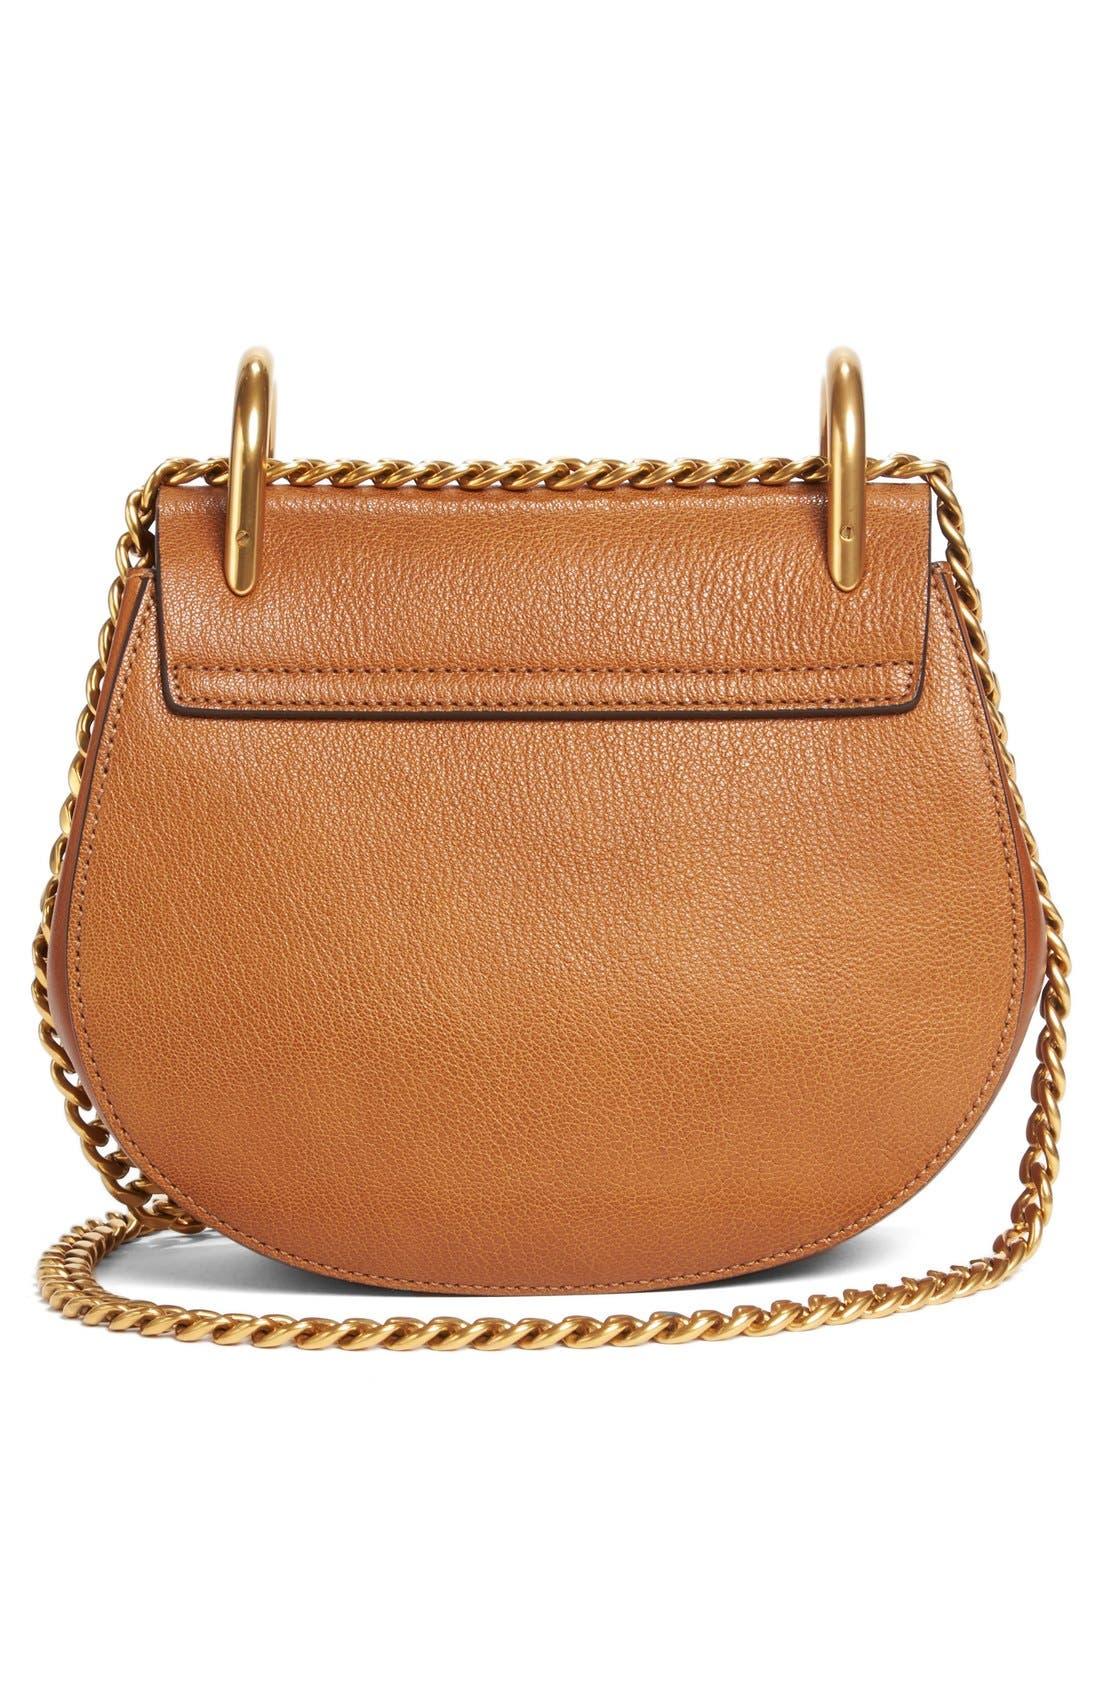 Drew Leather Shoulder Bag,                             Alternate thumbnail 2, color,                             233